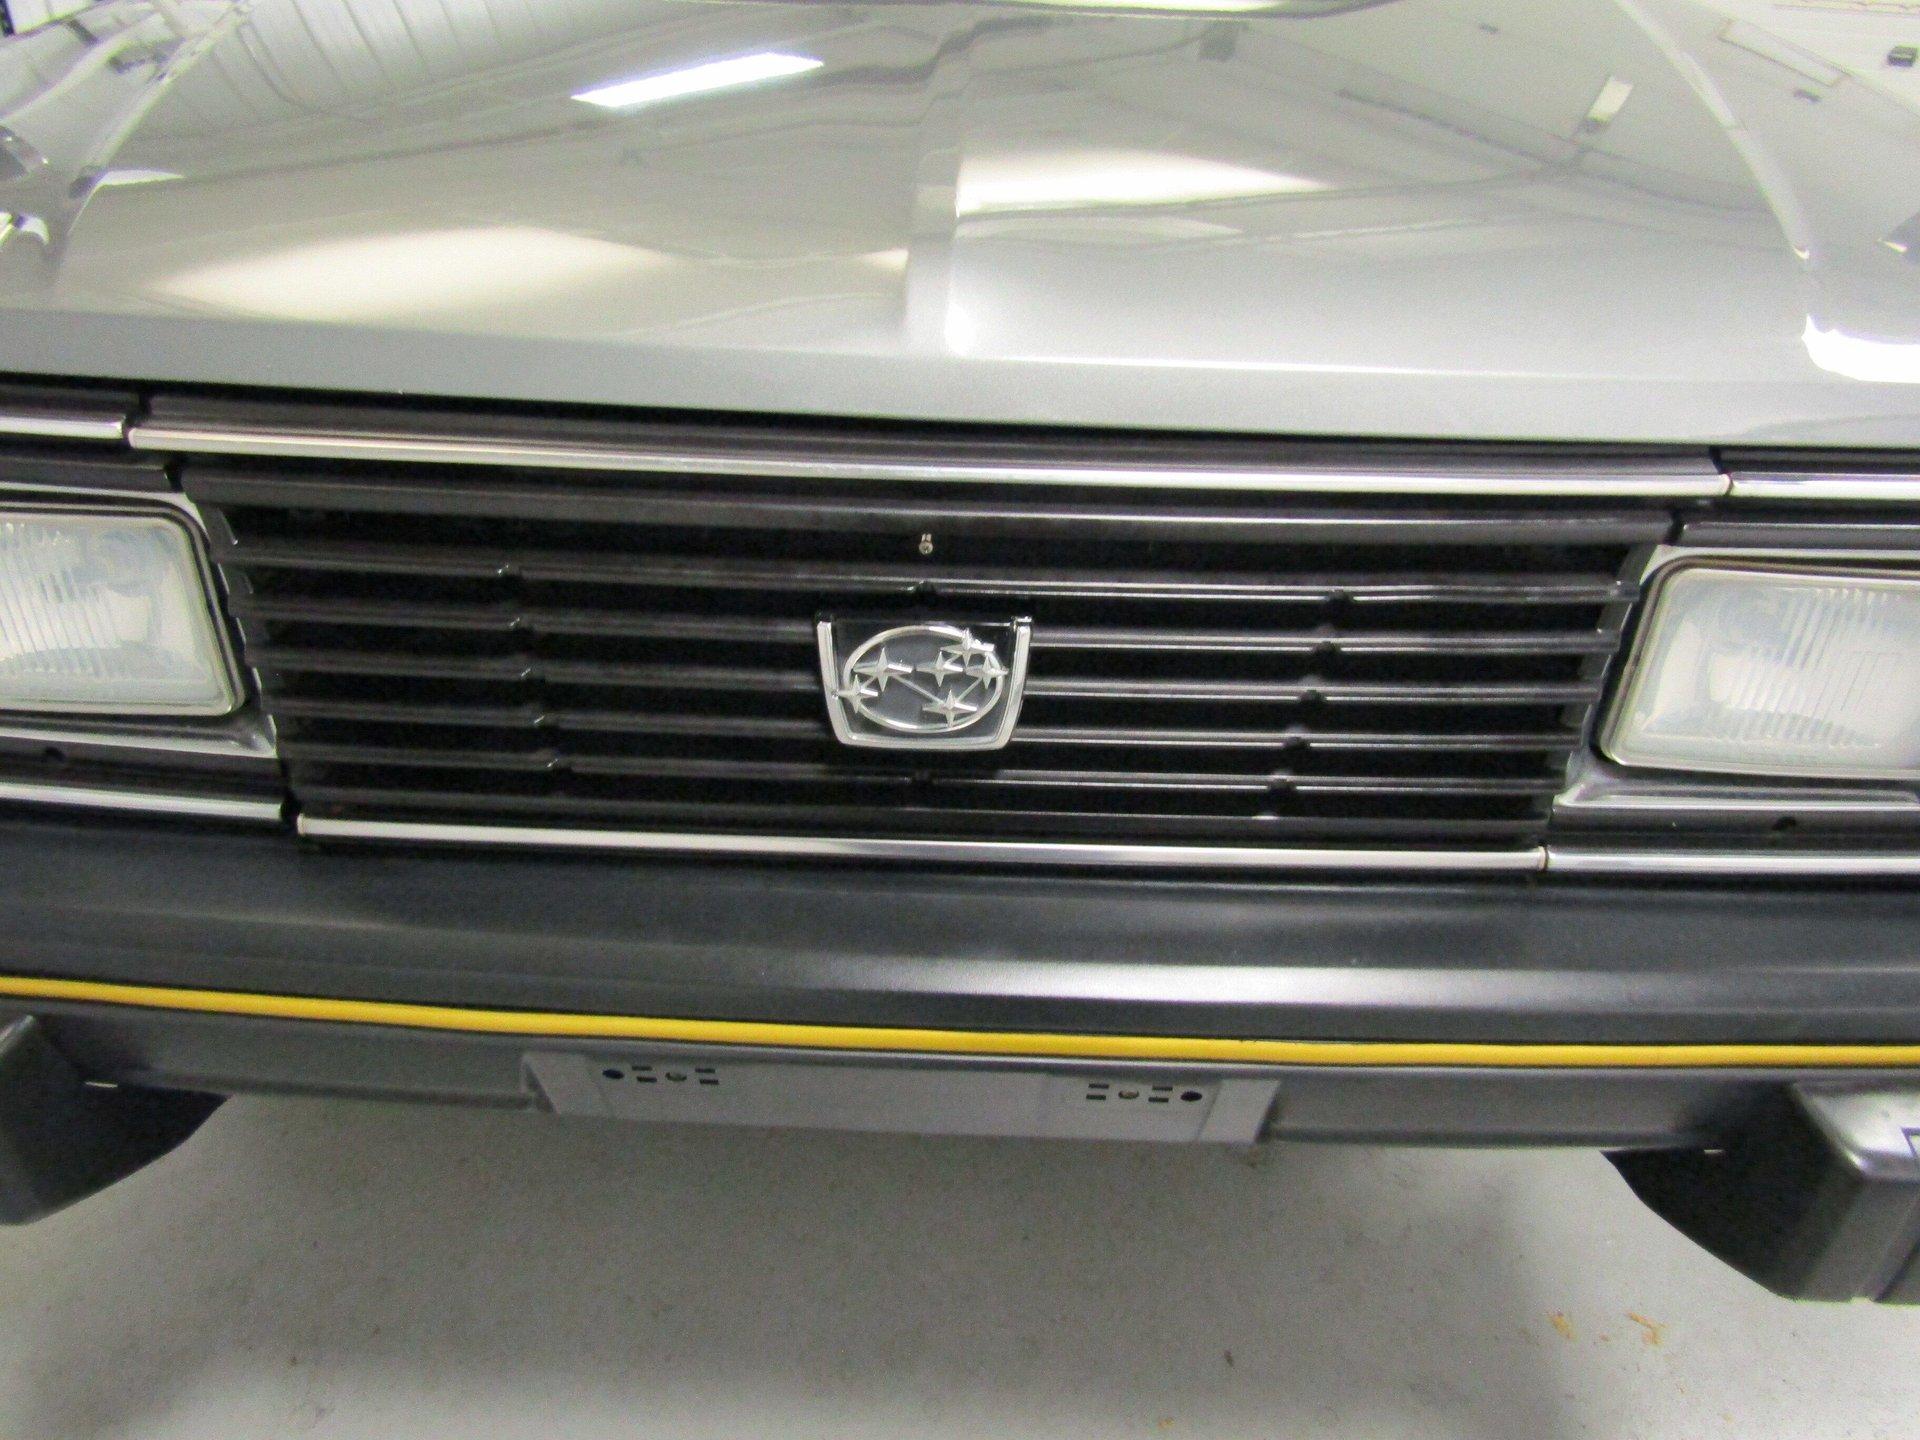 1983 Subaru Leone